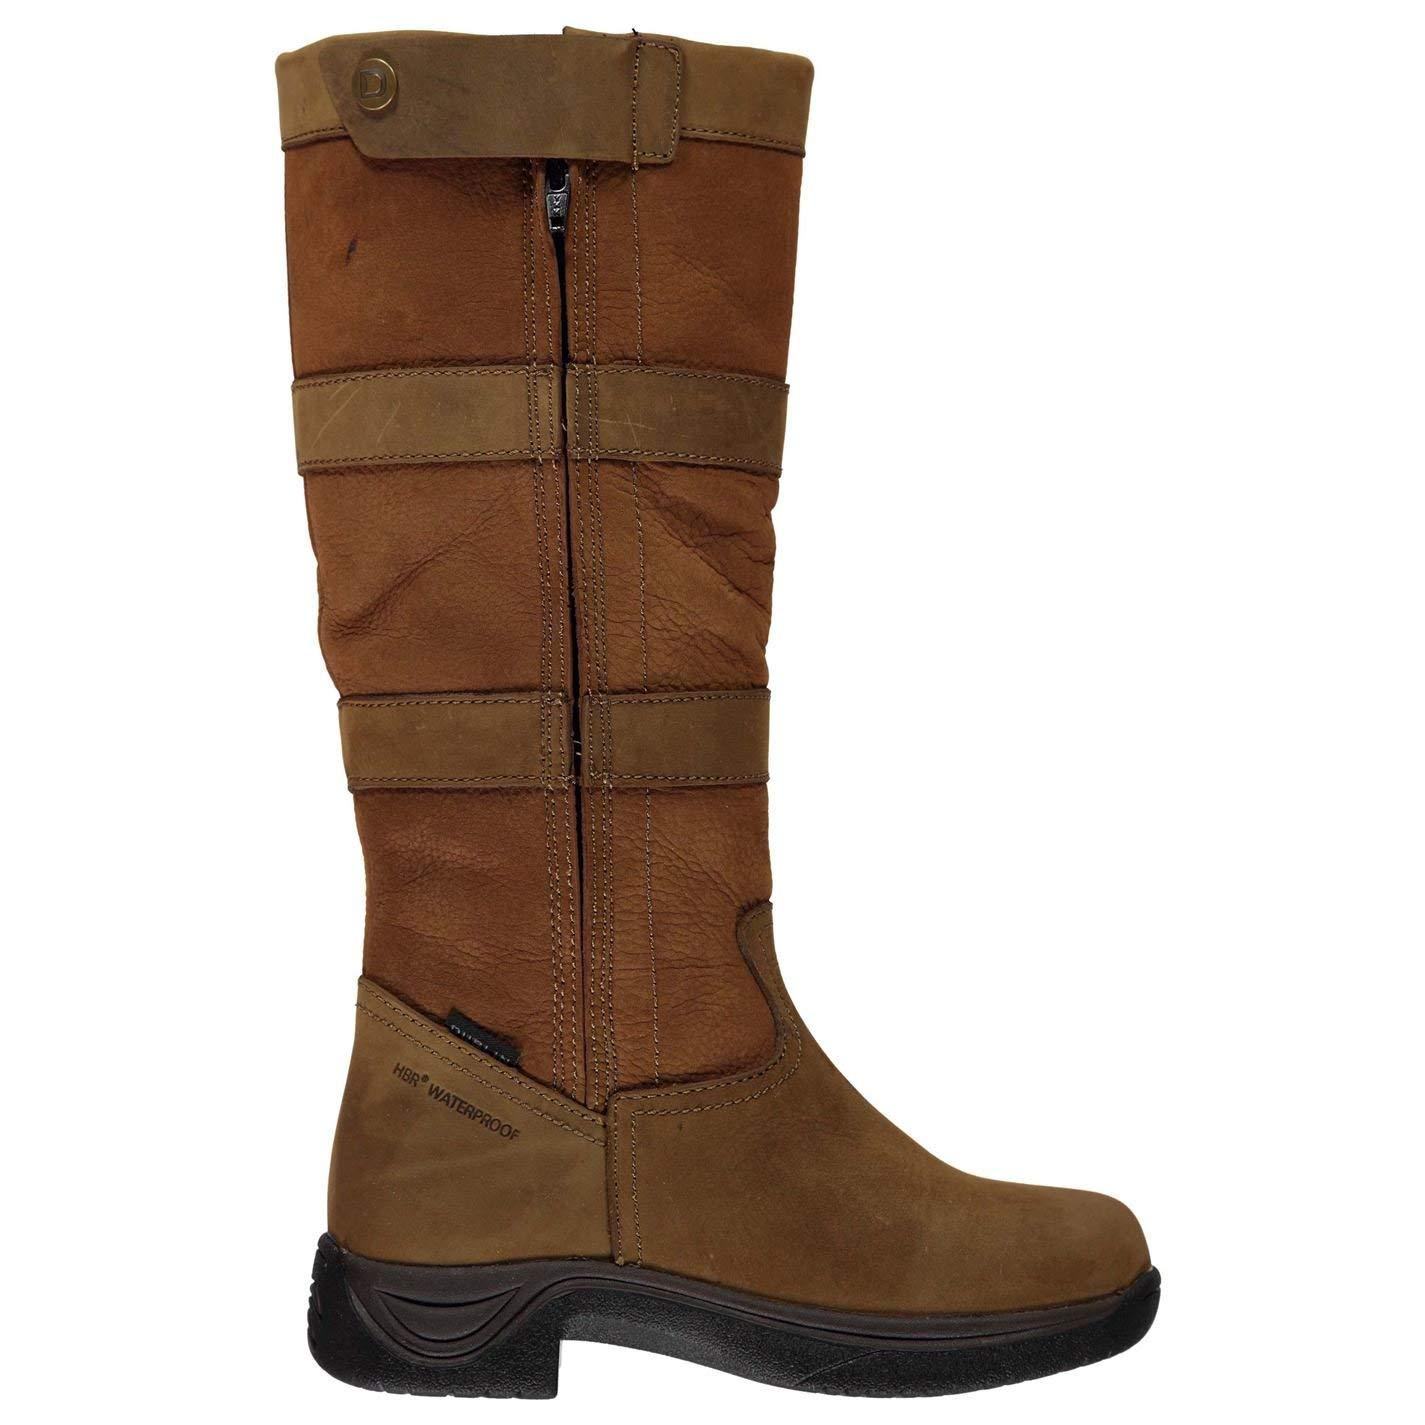 d75bbc0459a Cheap boots men zip, find boots men zip deals on line at Alibaba.com